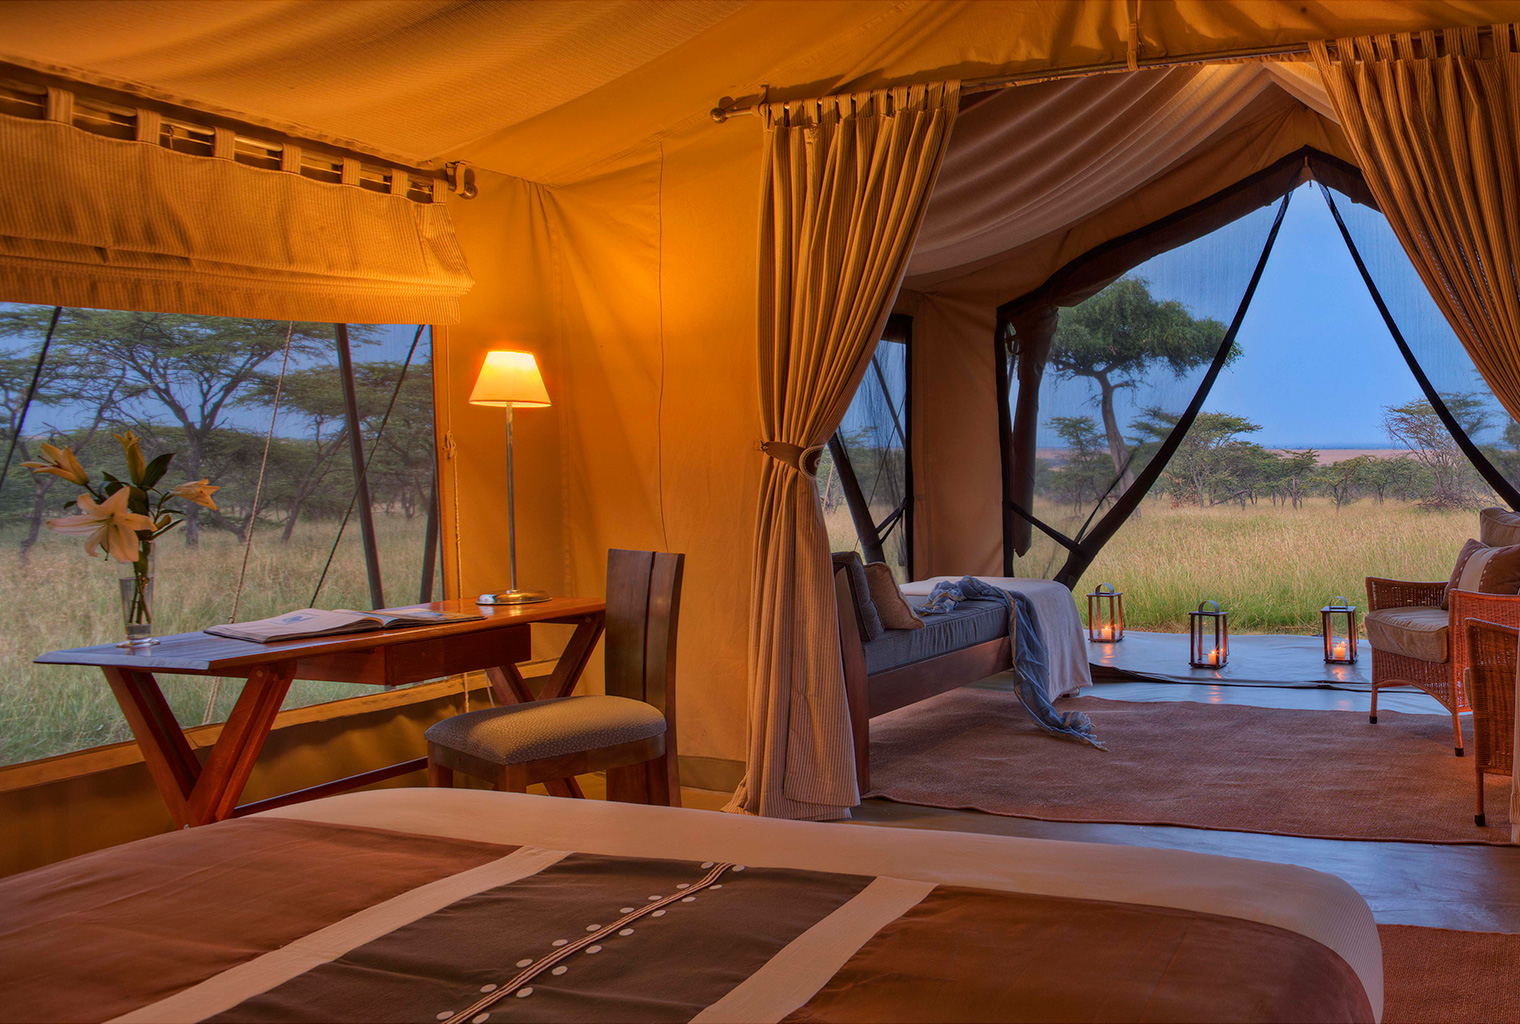 Naboisho-Kenya-Tent-Interior